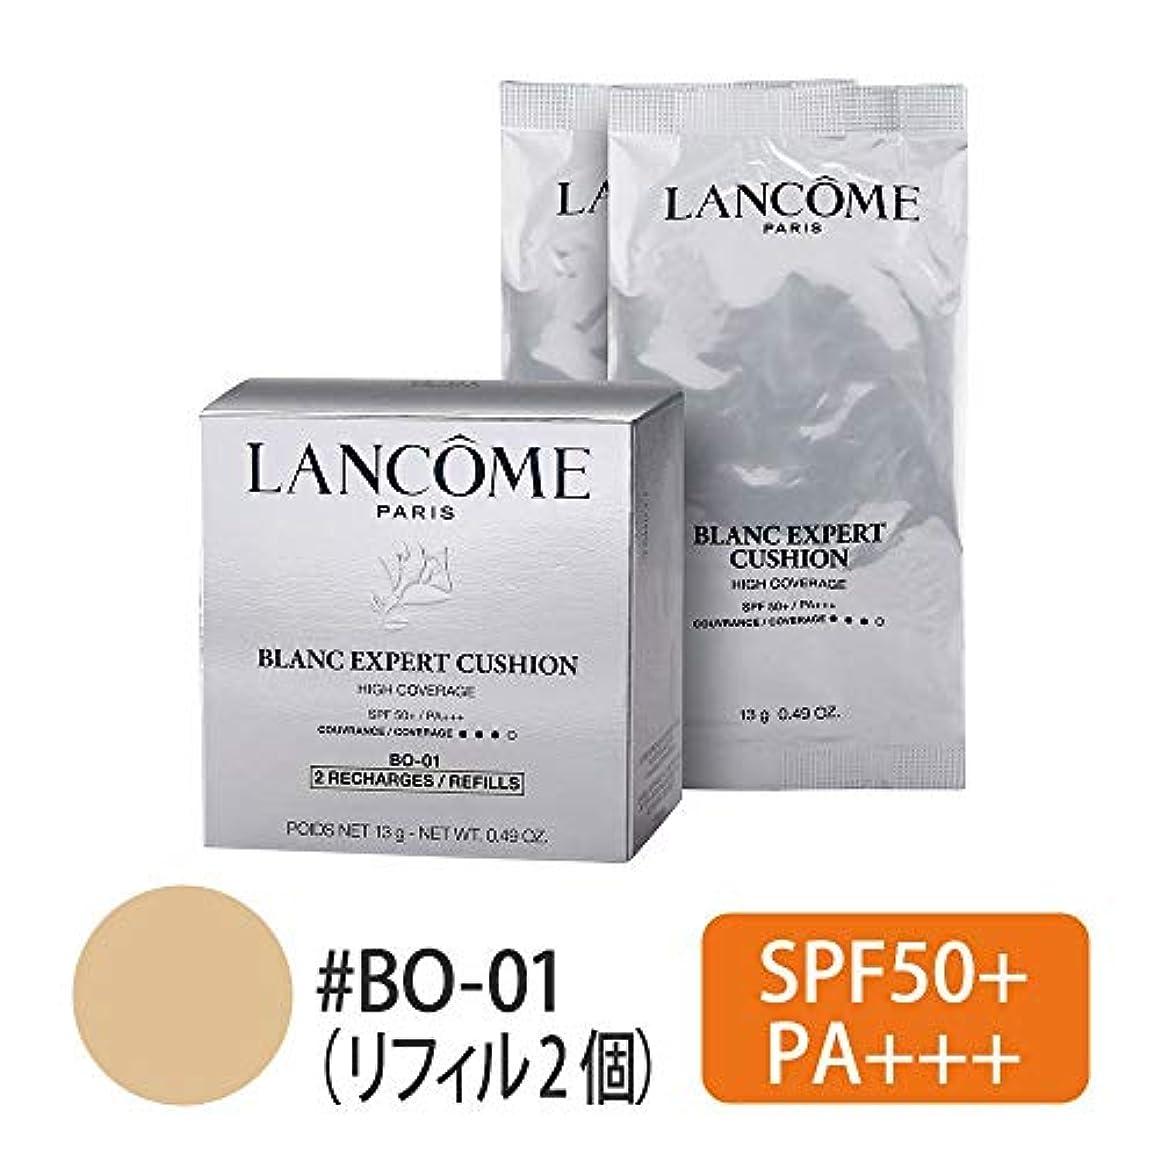 ヒープ歯先祖ランコム(LANCOME) ブラン エクスペール クッション コンパクト H (レフィル2個) #BO-01 SPF50+/PA+++ 13gx2[並行輸入品]